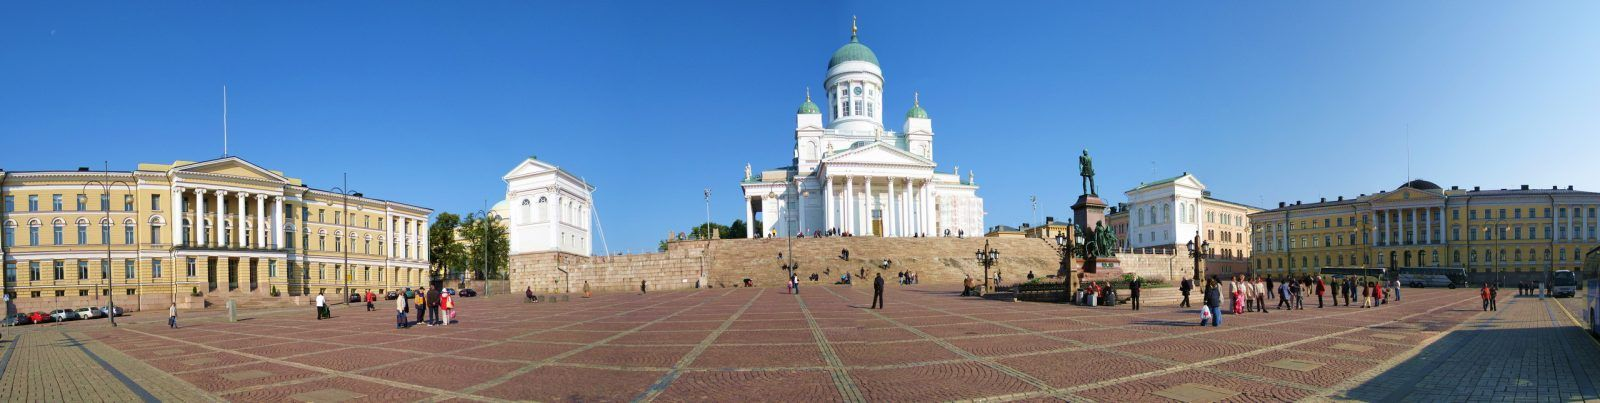 Хельсинки. Сенатская площадь.